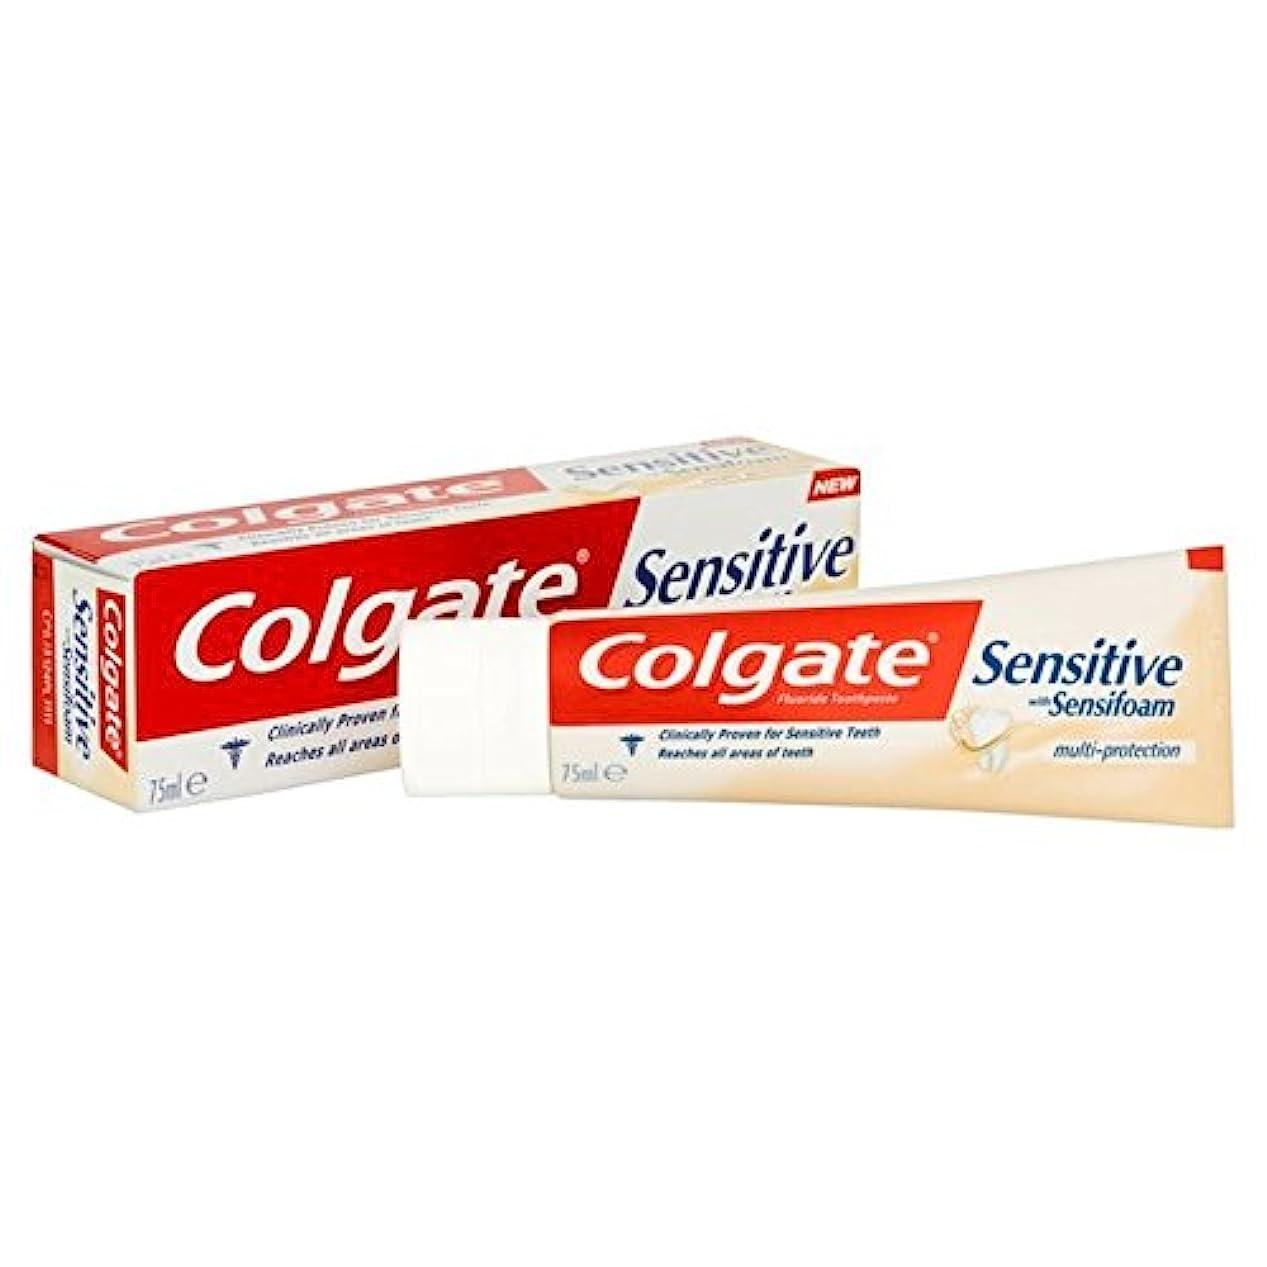 テレビを見るスラム街平和的Colgate Sensitive Foam Multi Protect Toothpaste 75ml (Pack of 6) - コルゲート敏感な泡は、マルチ歯磨き粉75ミリリットルを保護します x6 [並行輸入品]